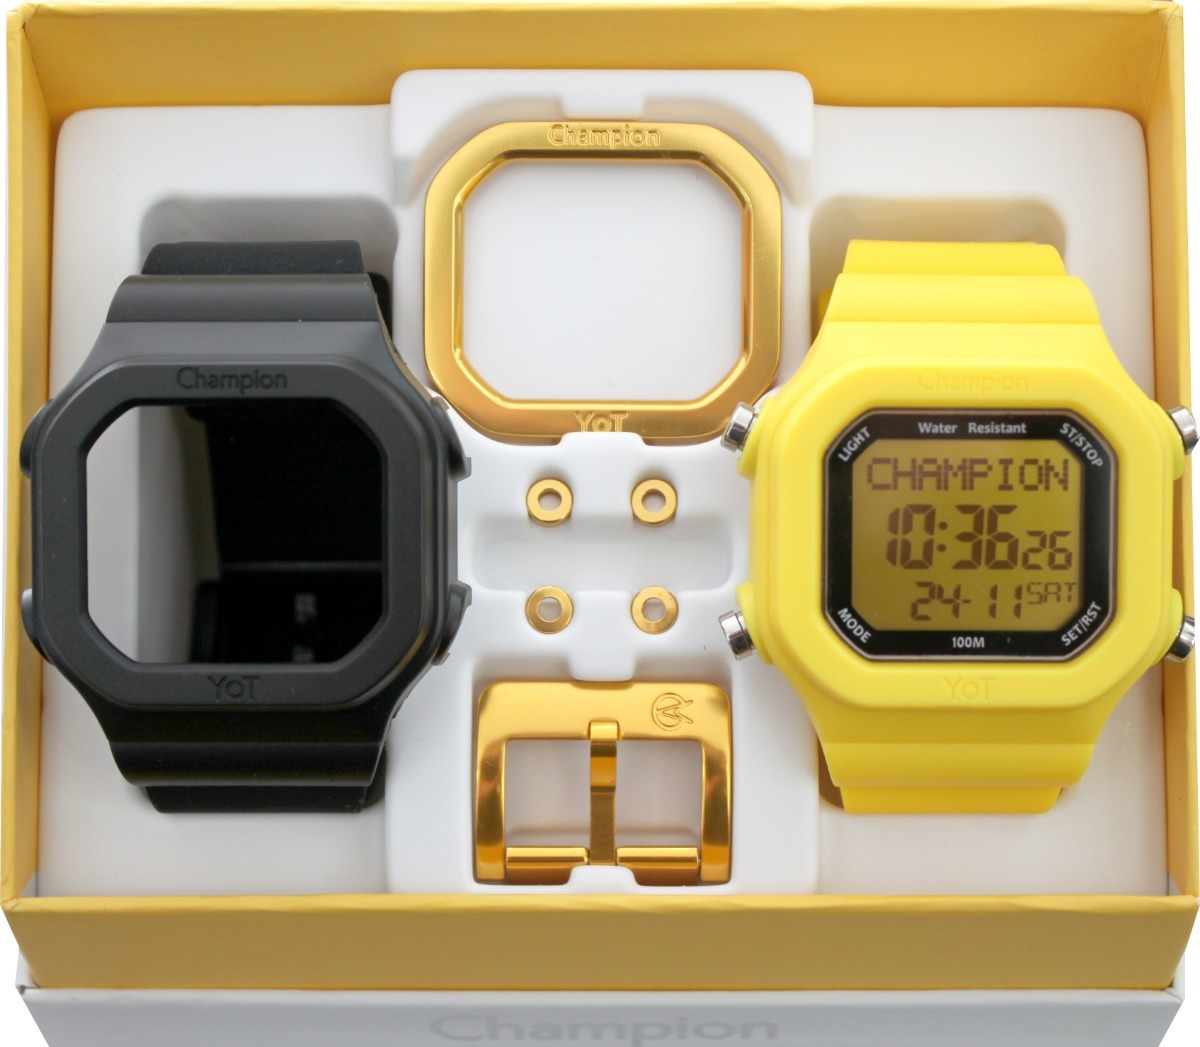 f8e09be559d relógio champion yot troca pulseira preto e amarelo. Carregando zoom.